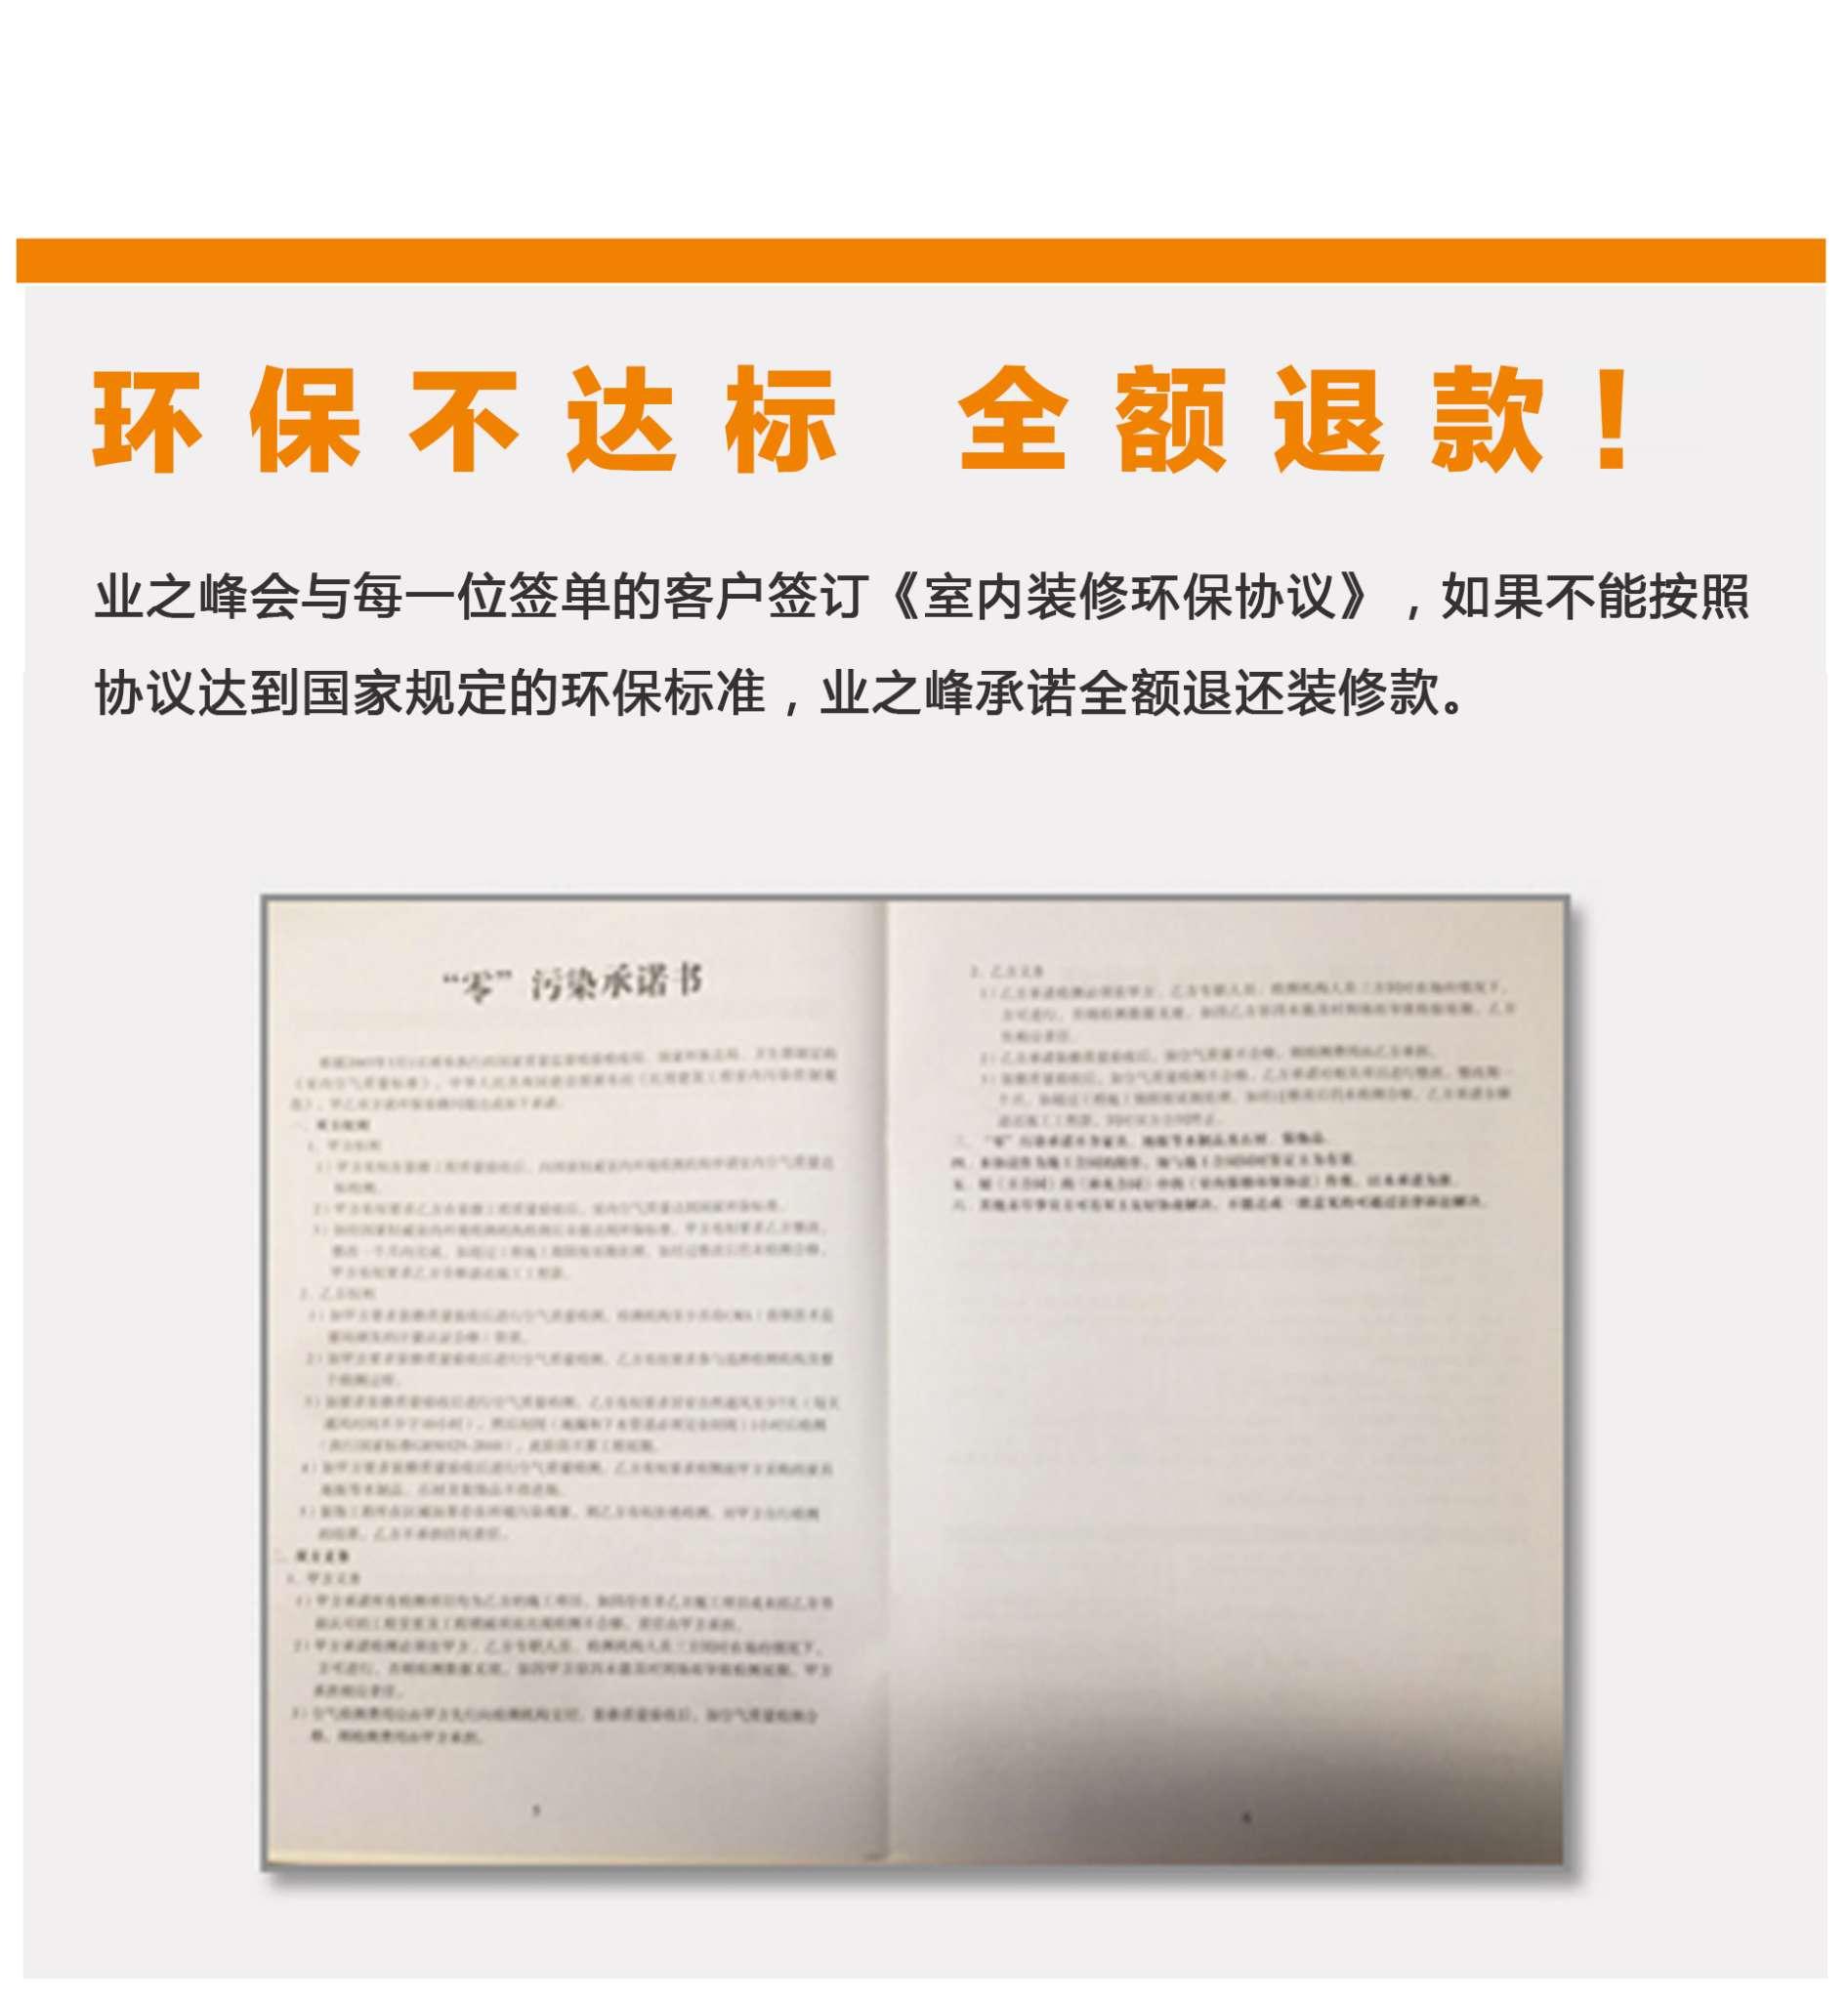 业之峰环保三防_05.jpg